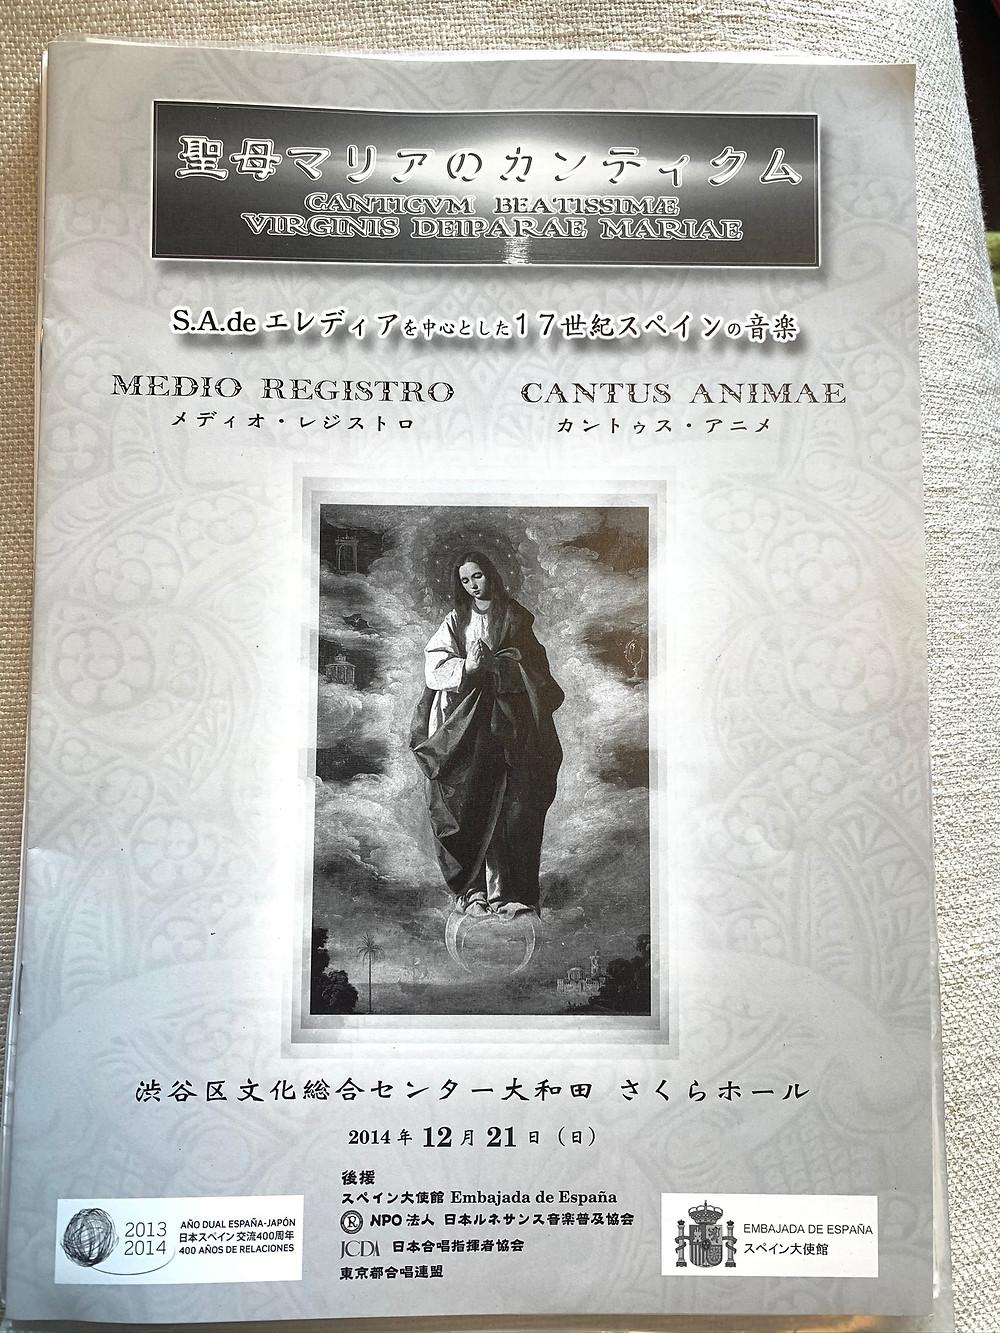 2014年12月21日(日)聖母マリアのカンティクム